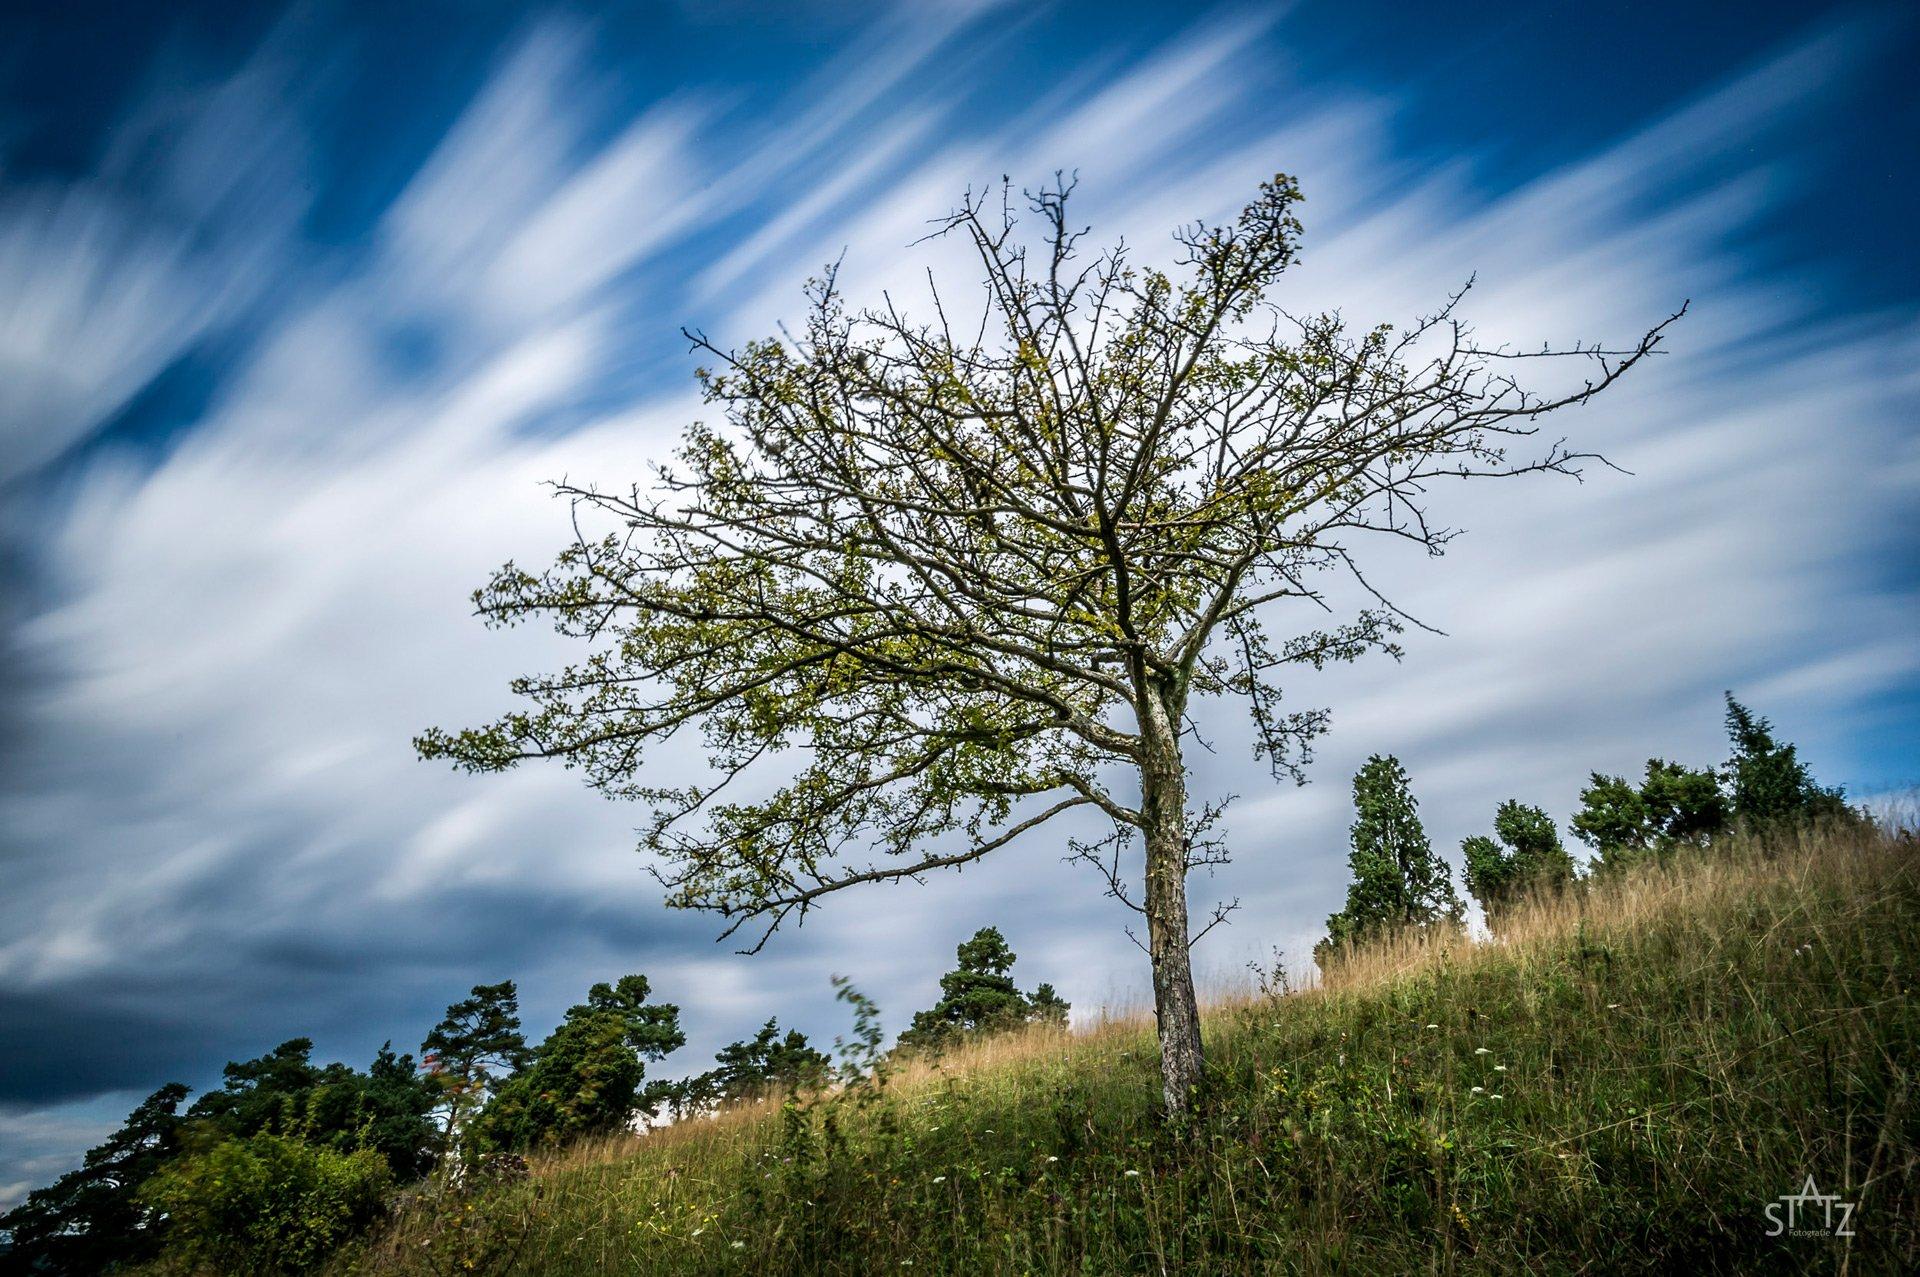 Fototage Burg Frankenstein Filterfotografie Uwe Statz